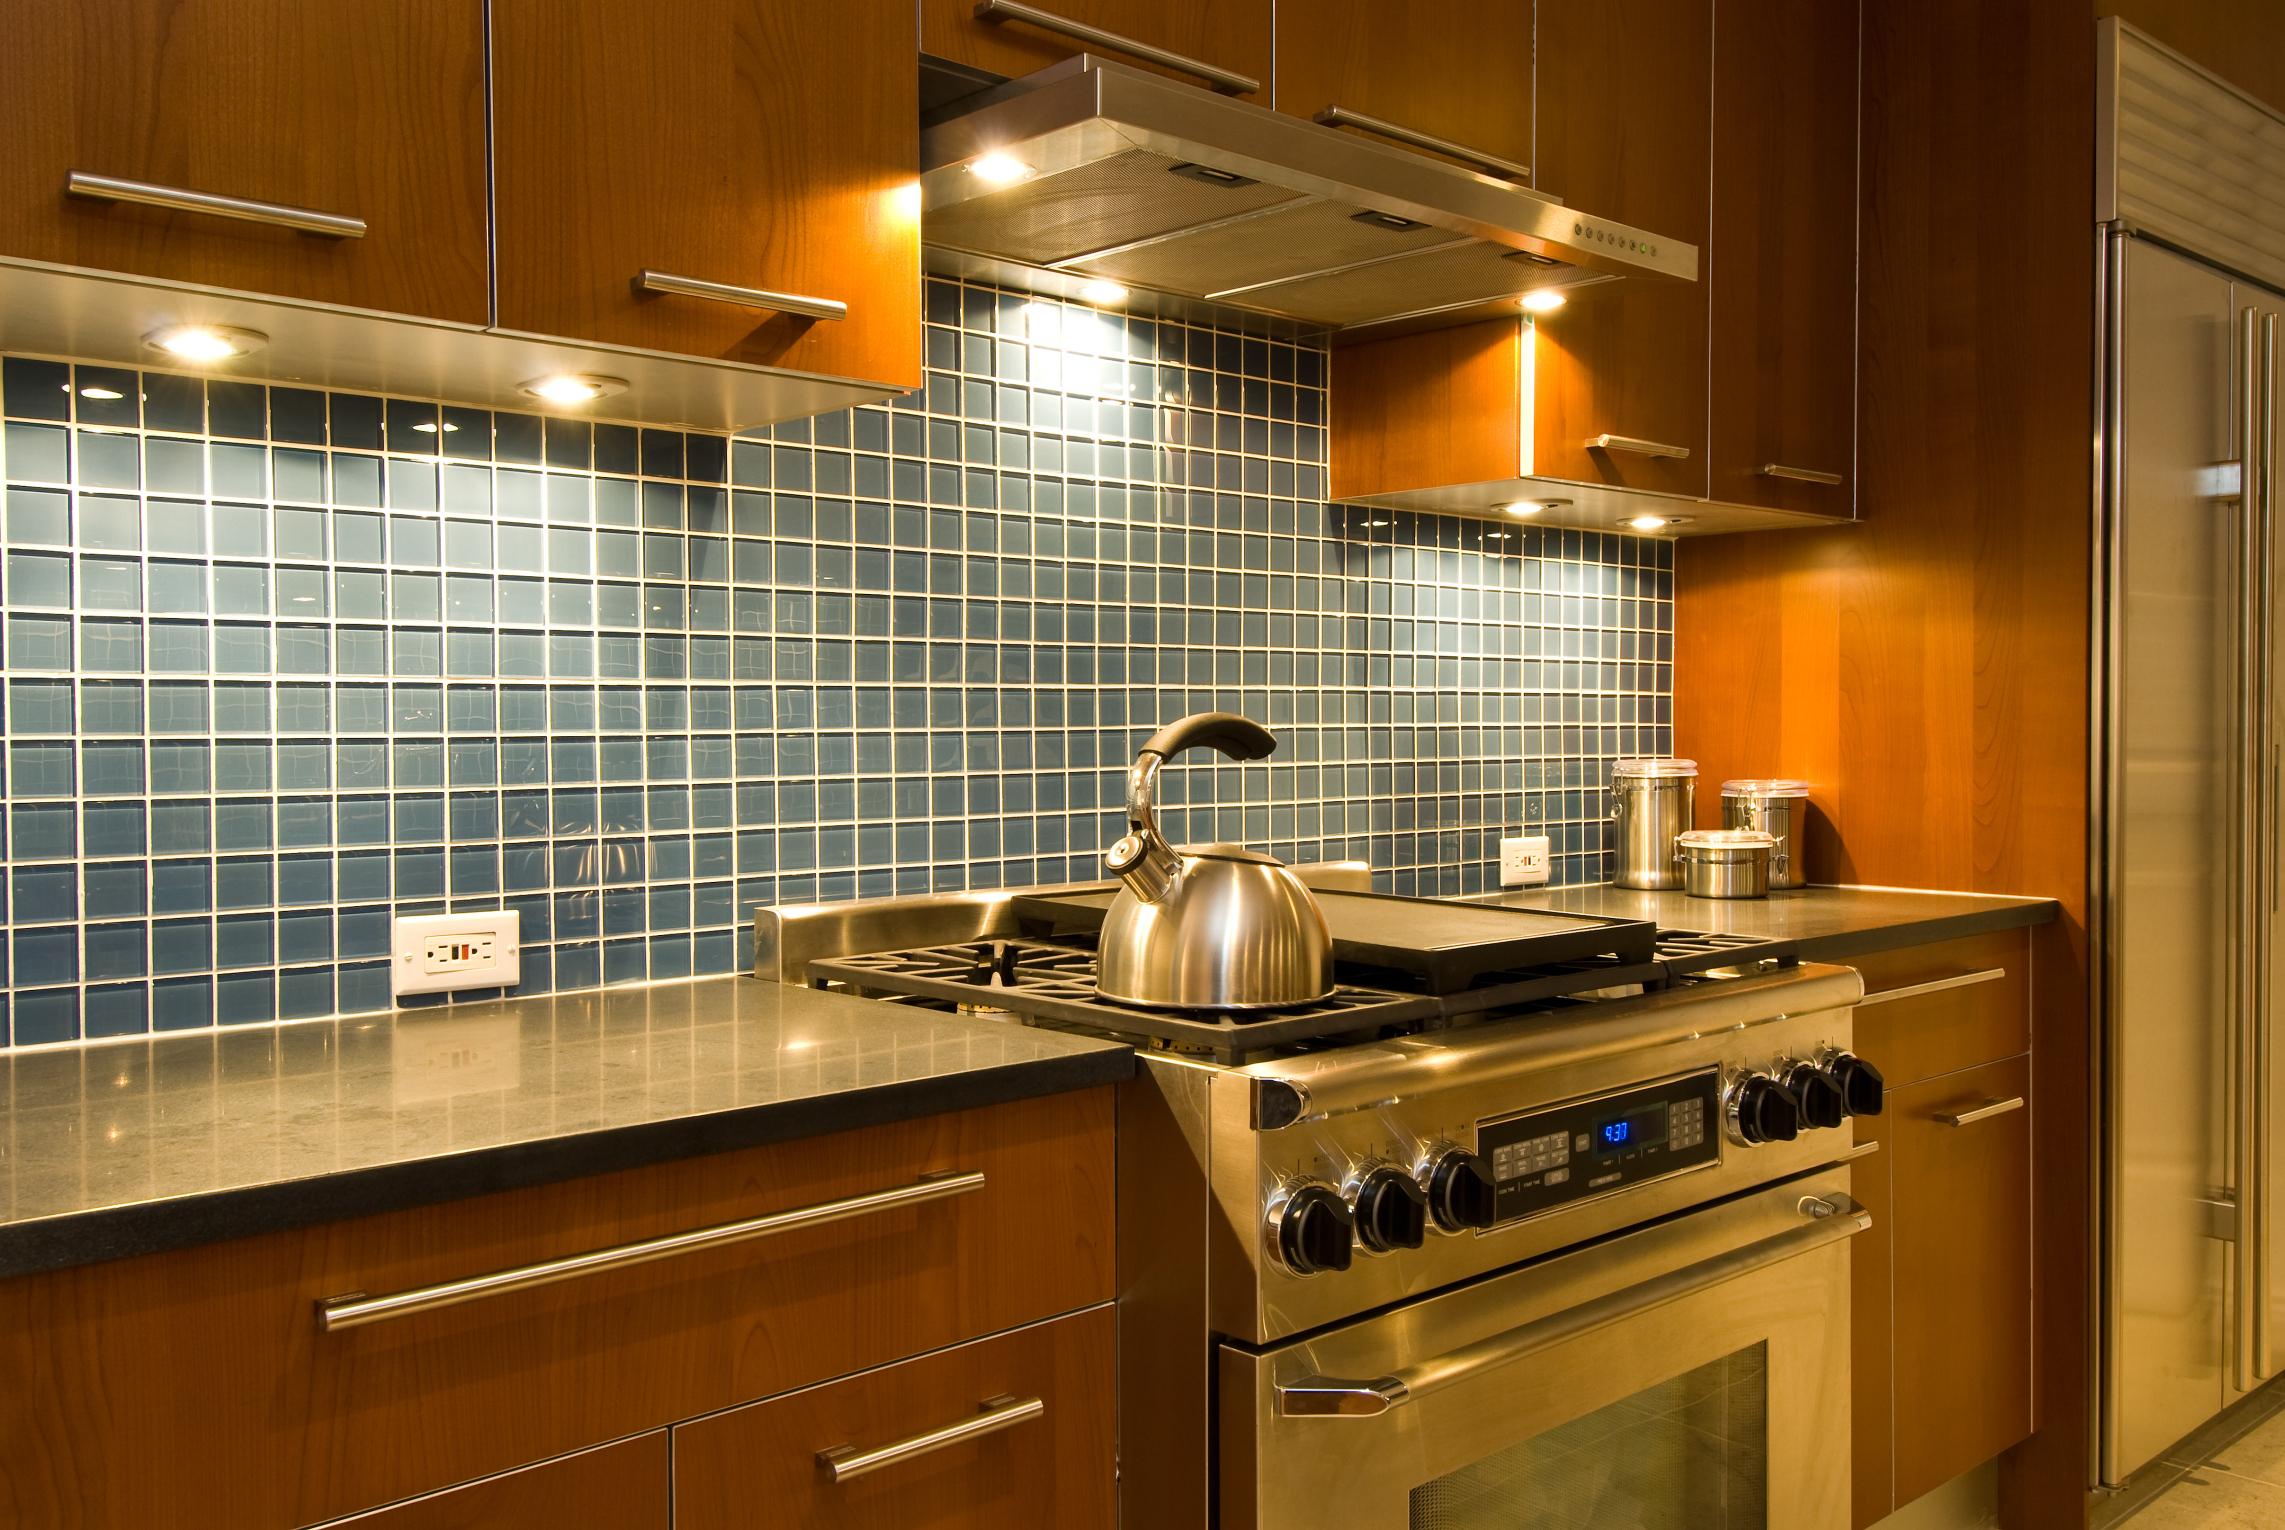 Coordinar gabinete de la cocina piso de madera de color - Ideas De Salpicaderos De Cocina Con Mesones De Granito Negro Y Gabinetes De Arce Natural Ehow En Espa Ol